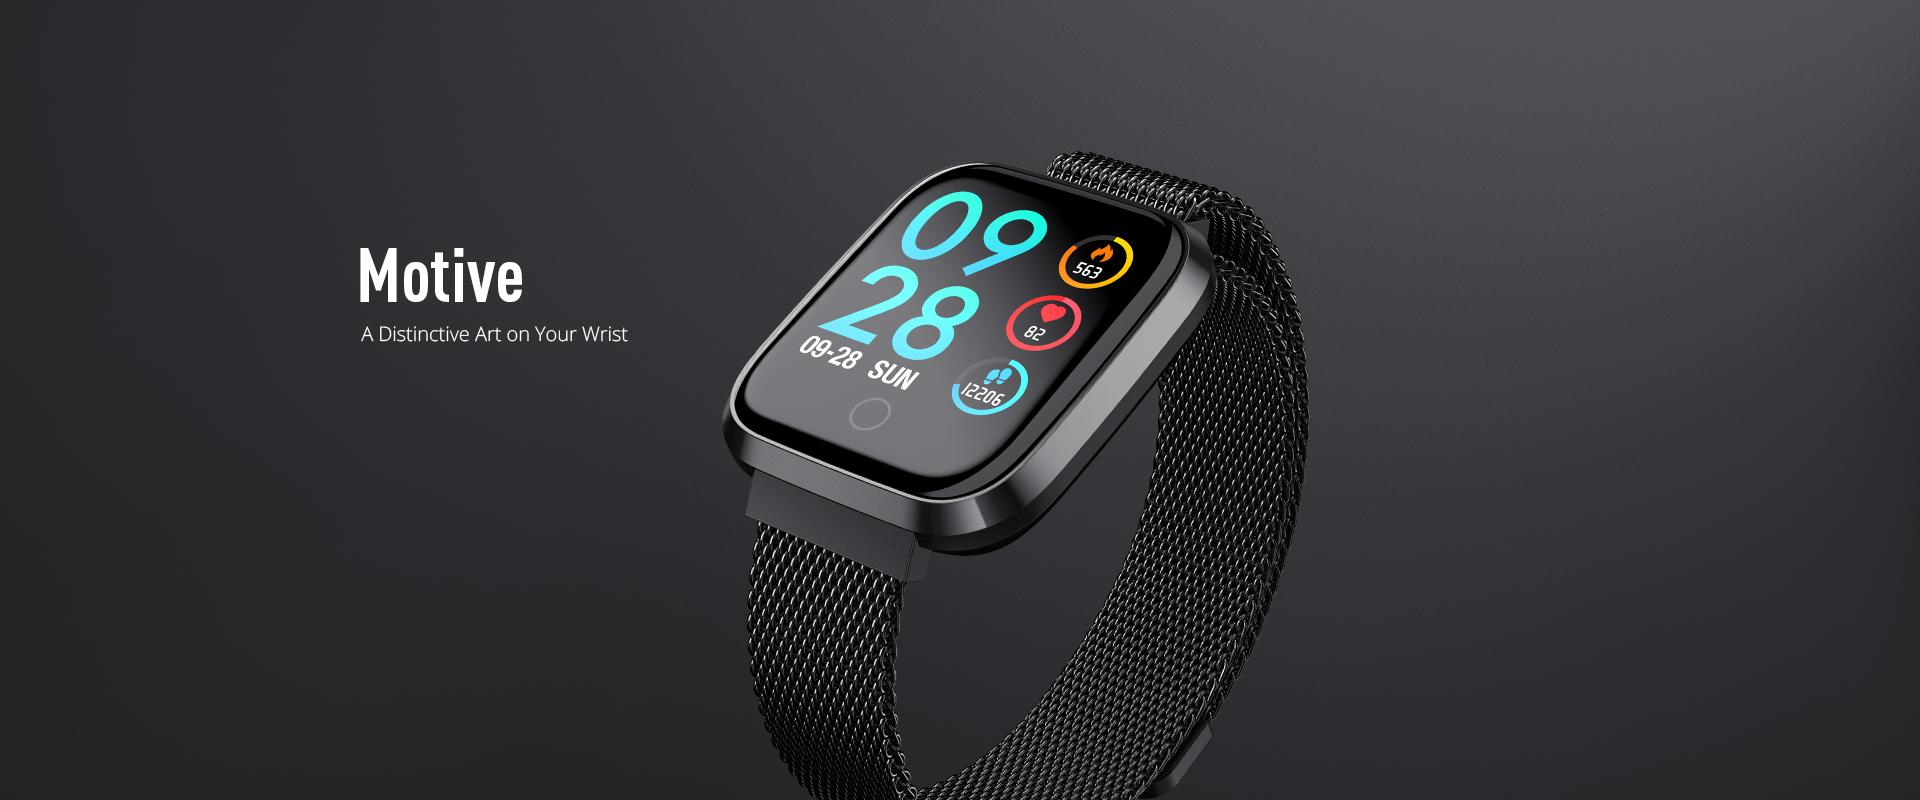 smart-watch-motive